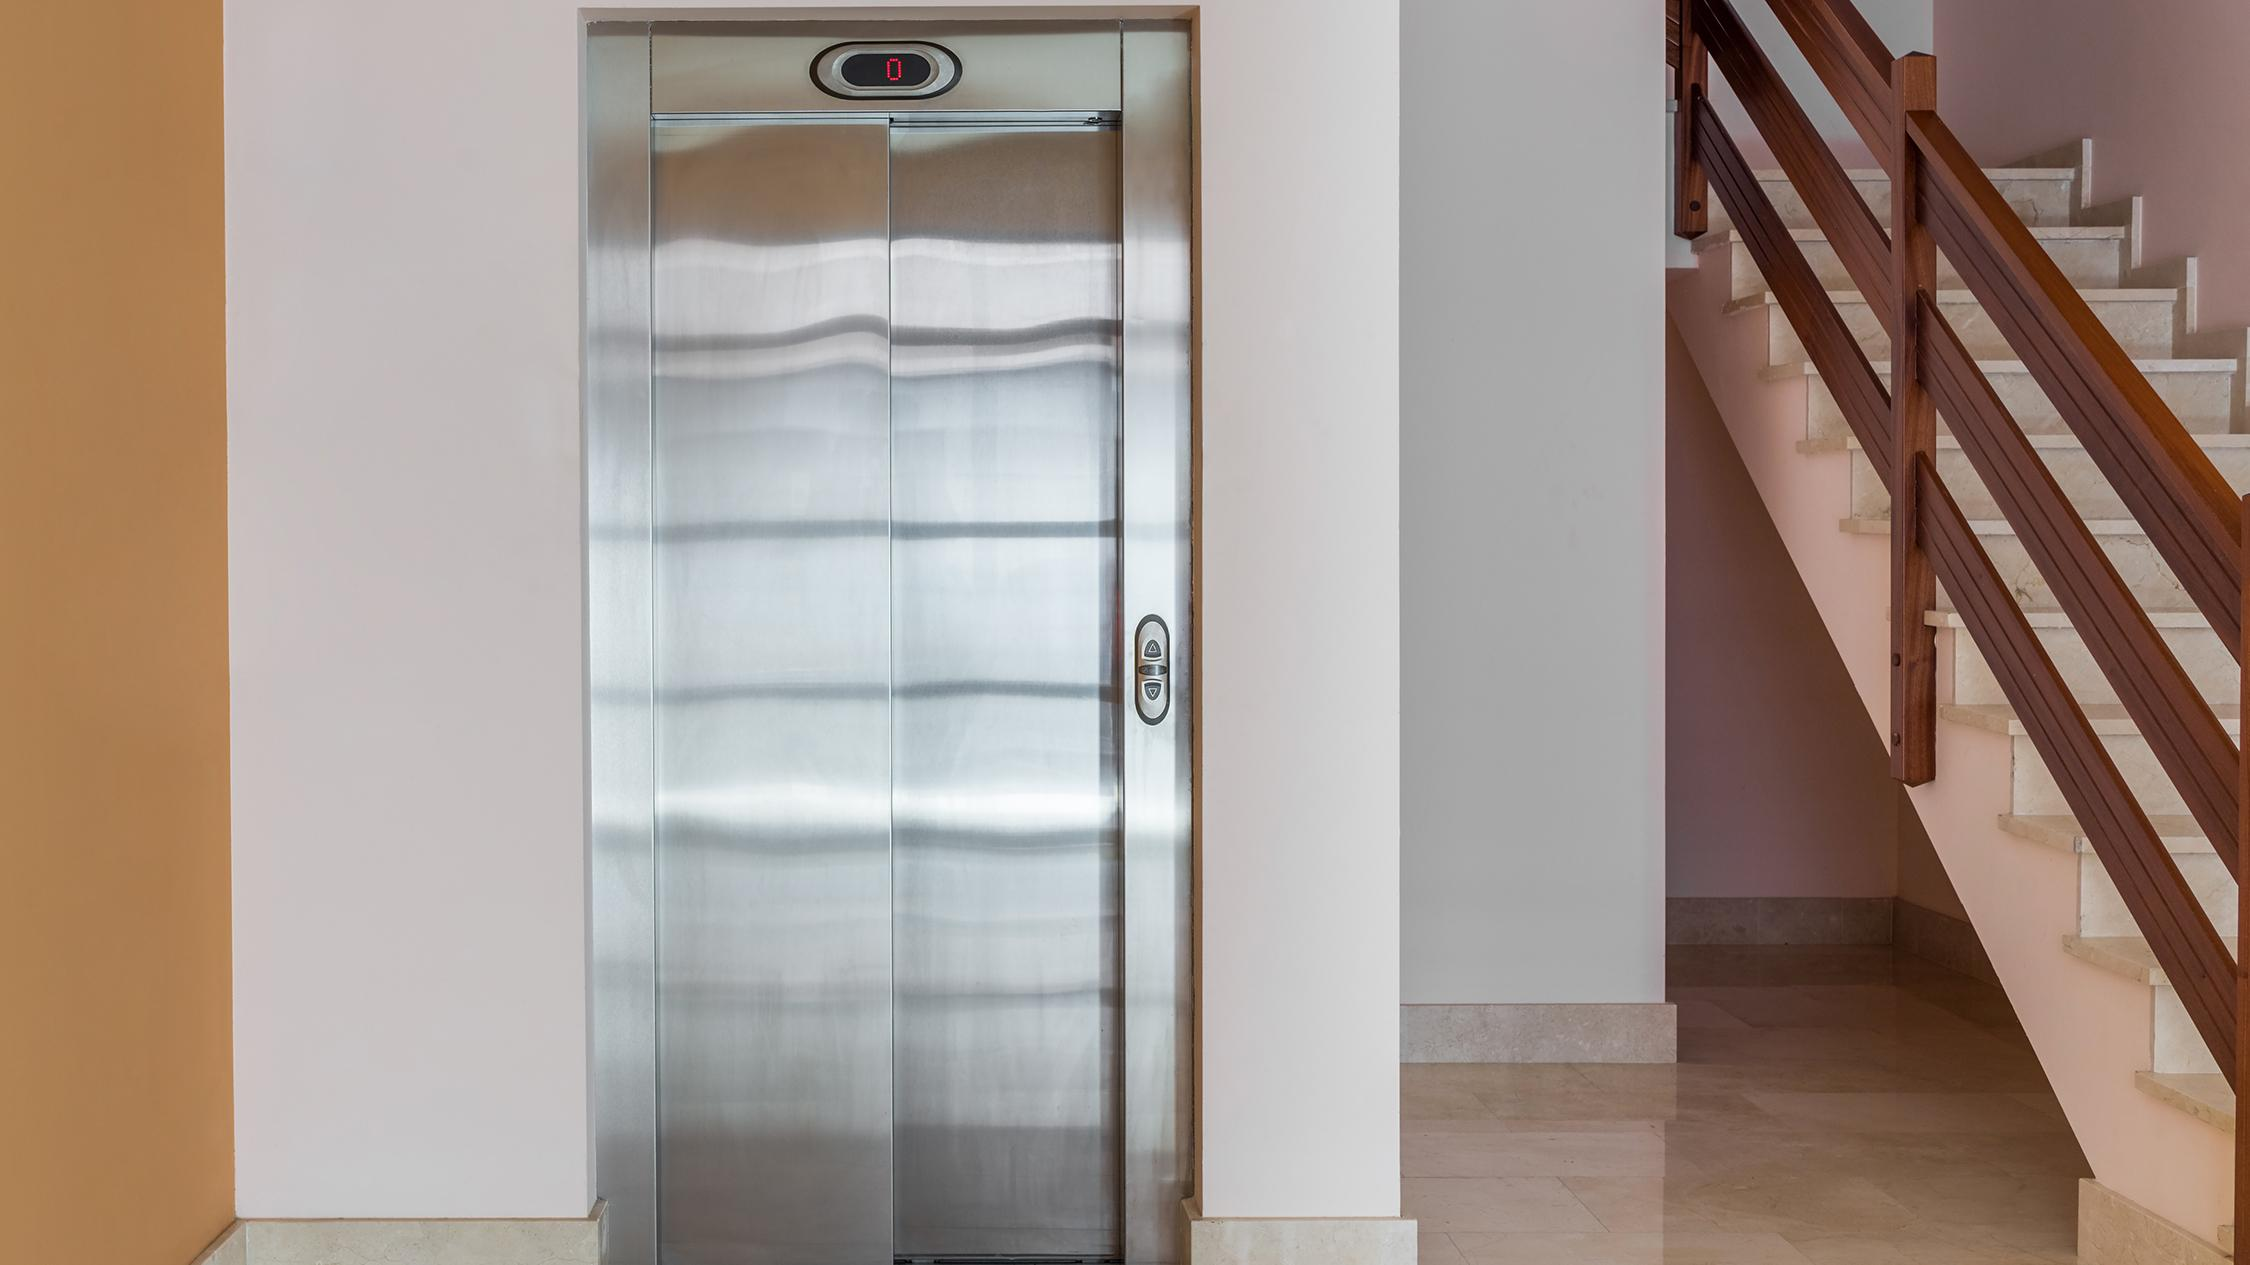 Costo Ascensore Interno 3 Piani ascensore per la casa, miniascensore o elevatore: tipologie